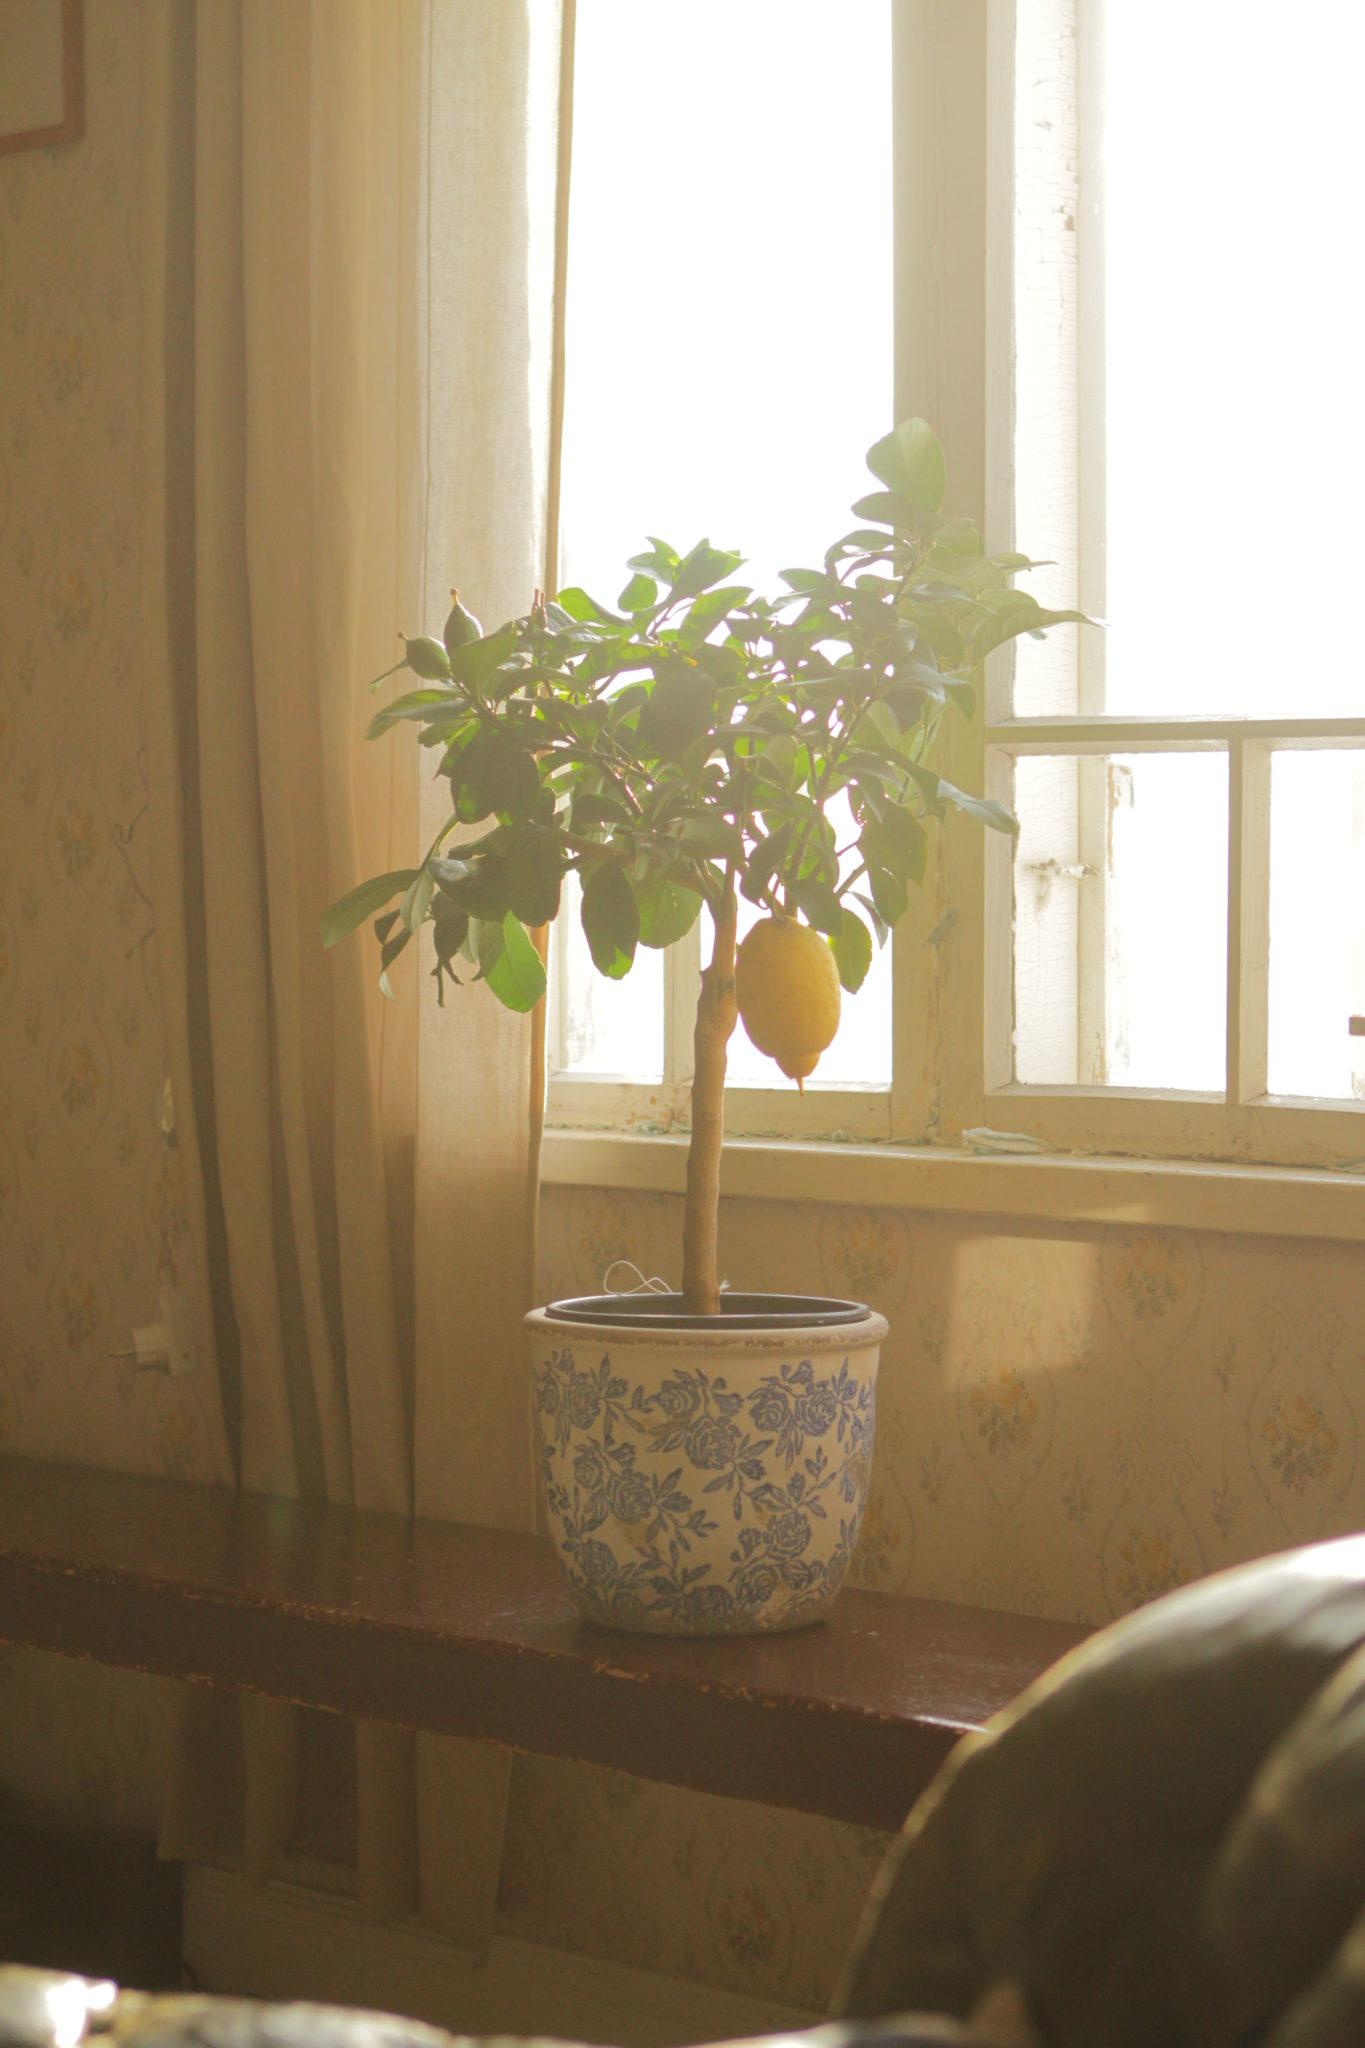 Kolumni – Kuolevien kasvien arvoitus